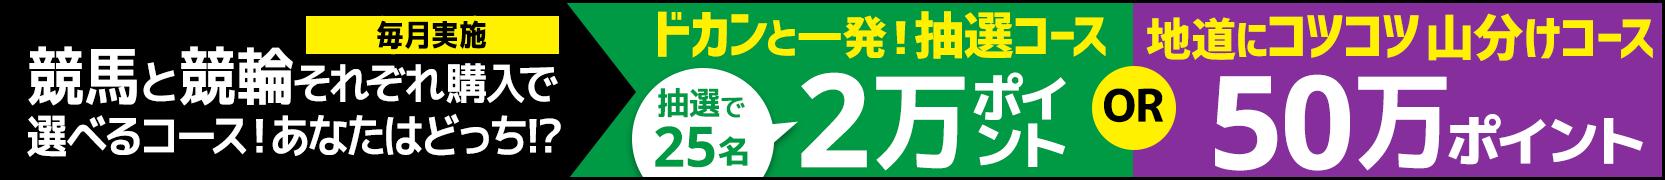 競馬&競輪 共同キャンペーン(2019年3月)